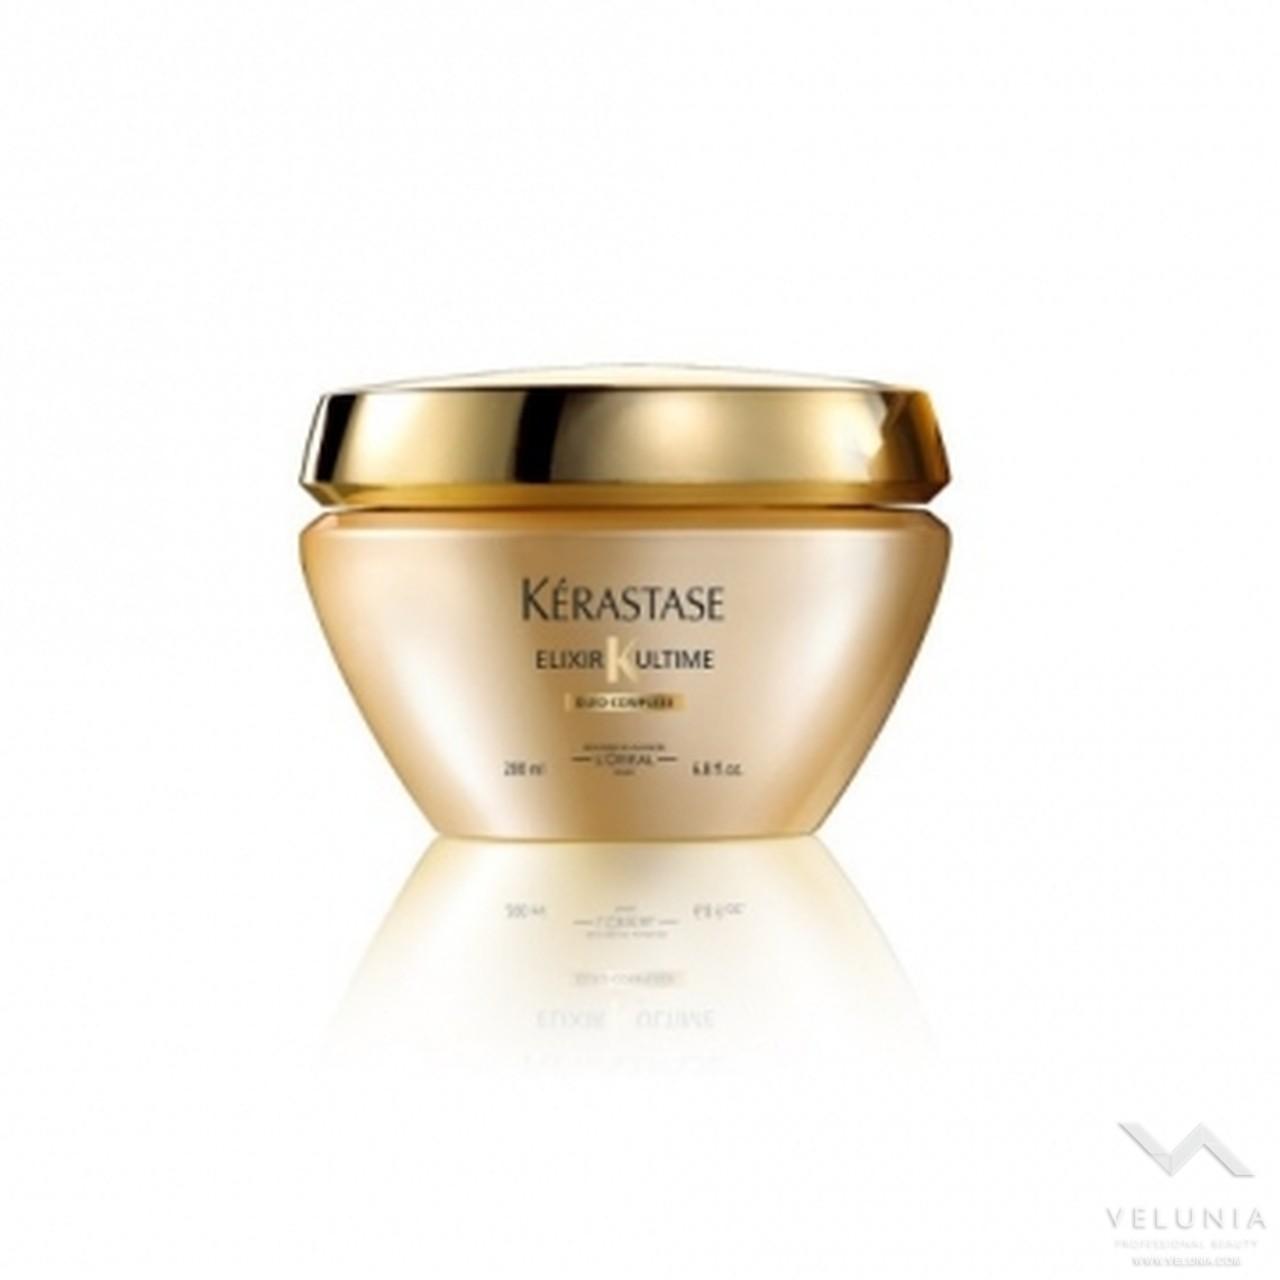 Kerastase Elixir Ultime Beautifying oil masque 200ml 1